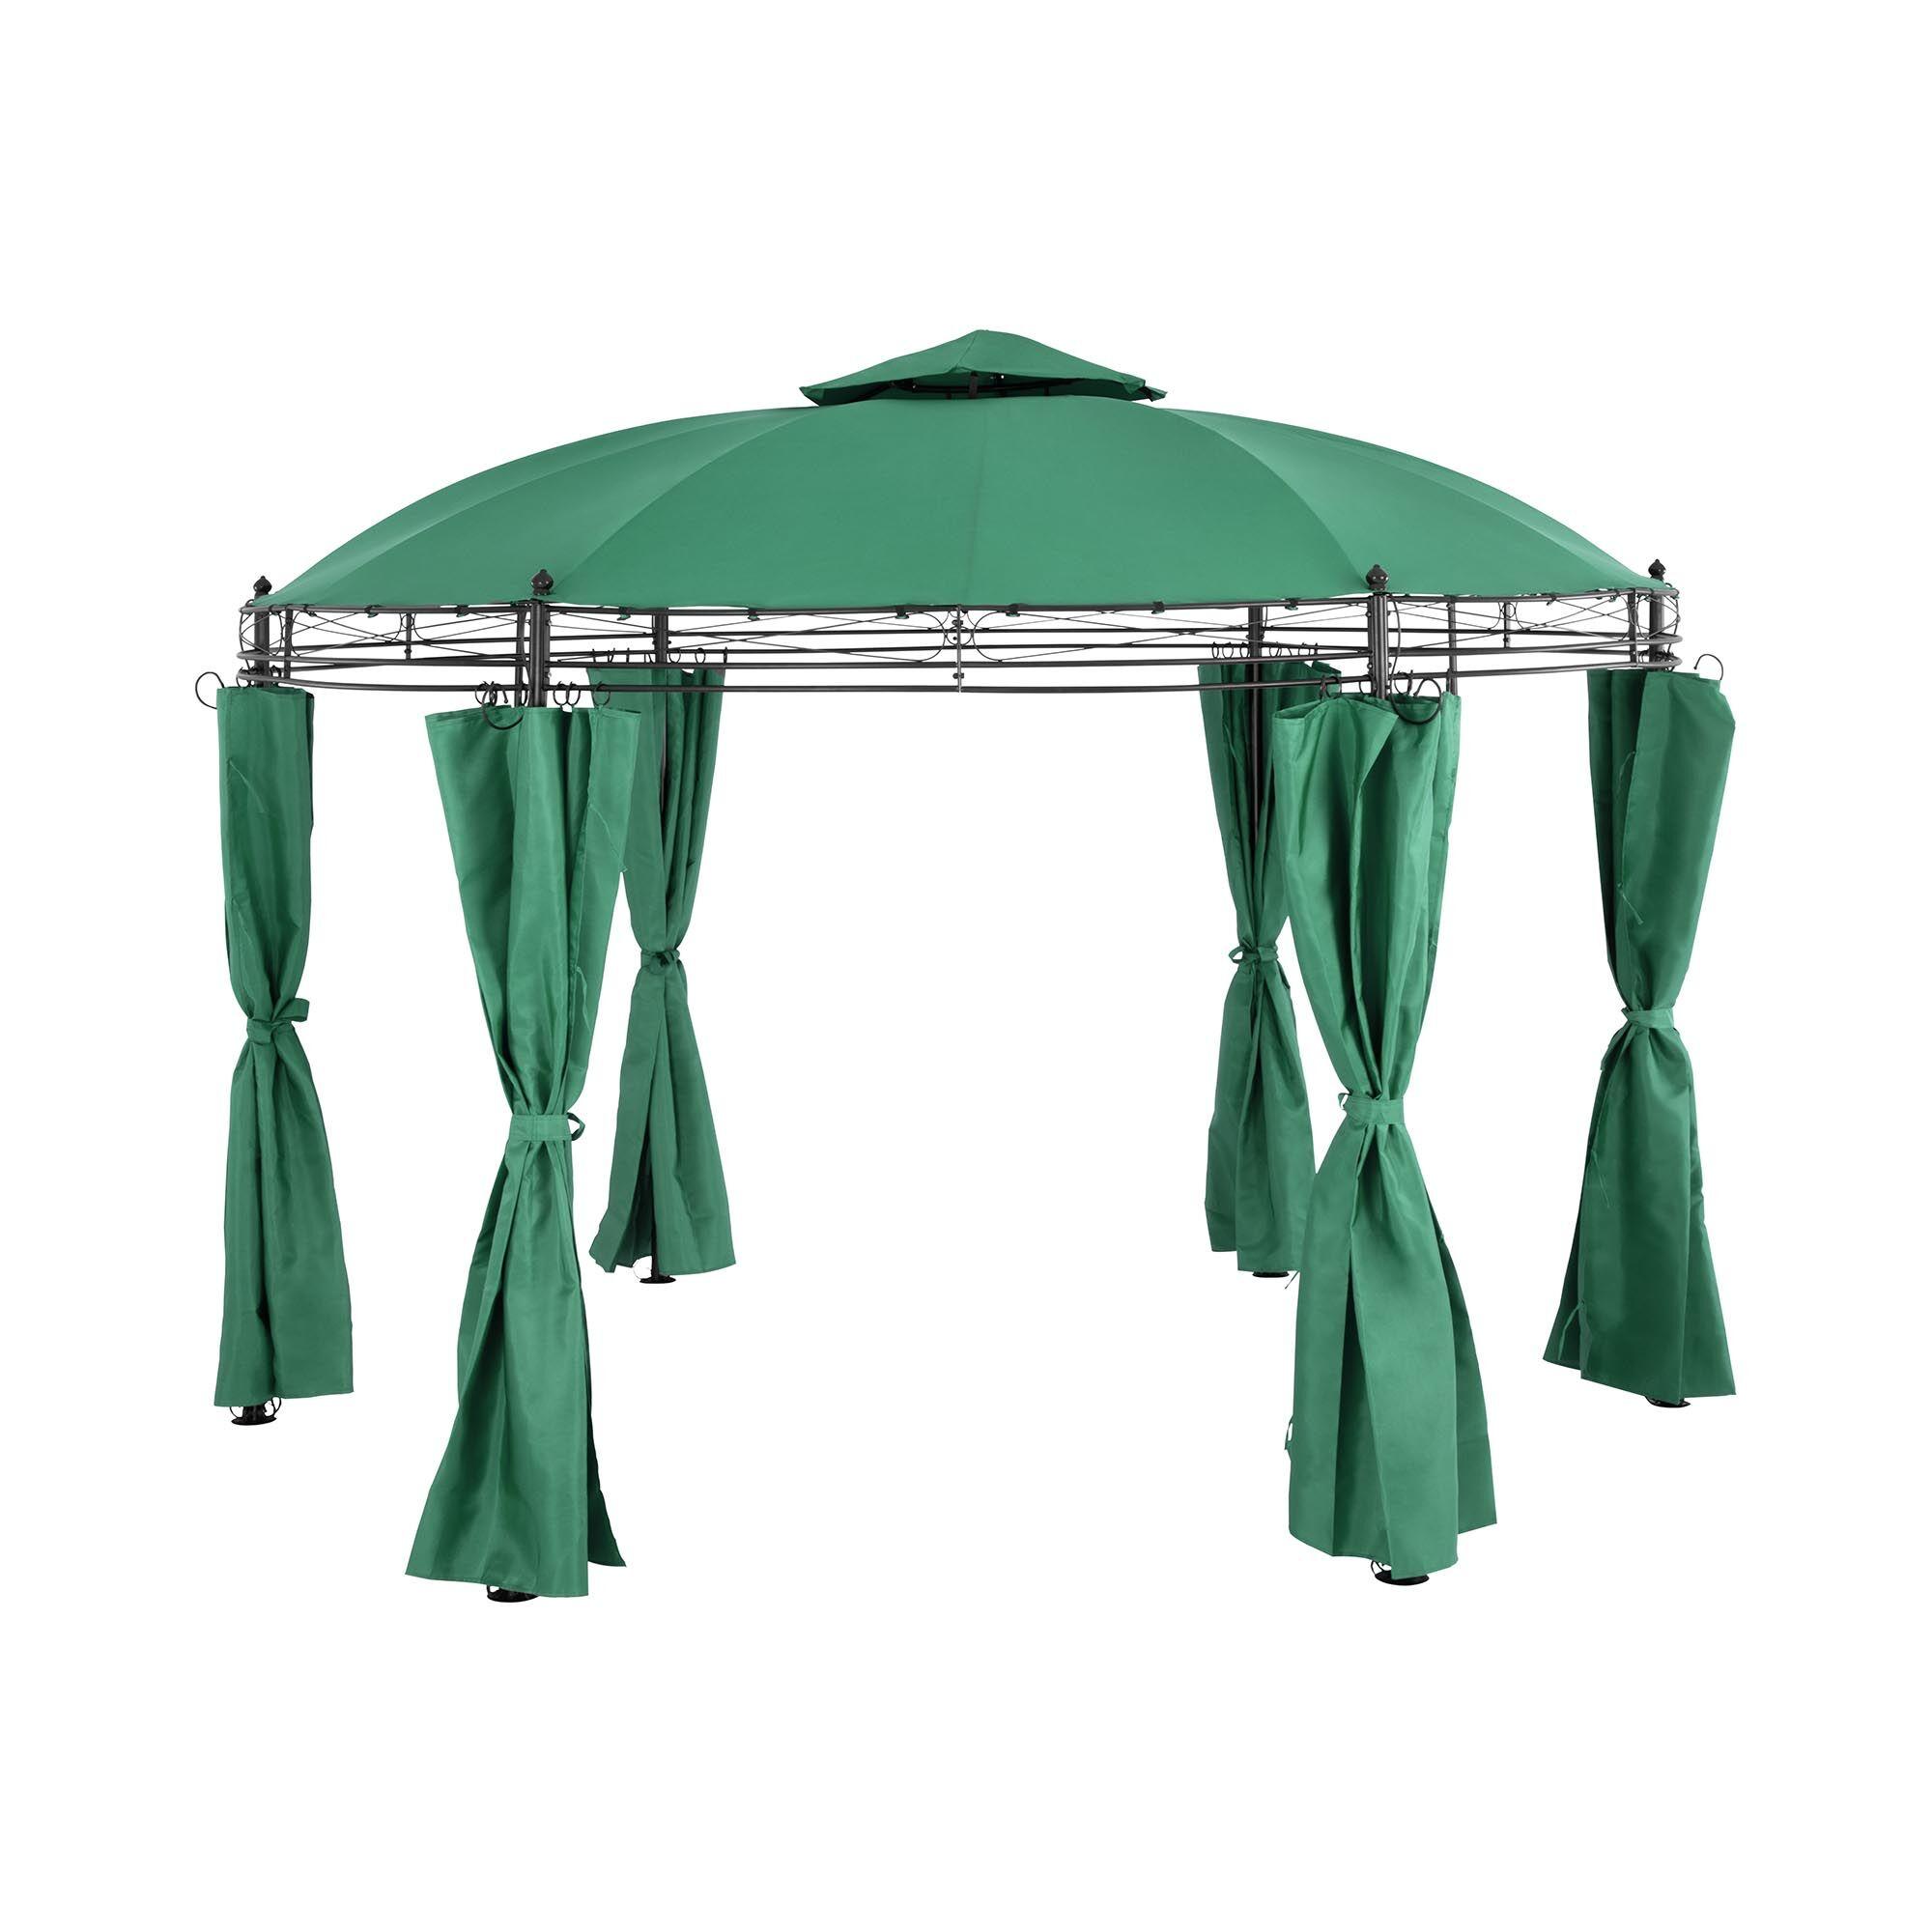 Uniprodo Rund gazebo - Ø 3.5 m - 180 g/m² - mørkegrønn